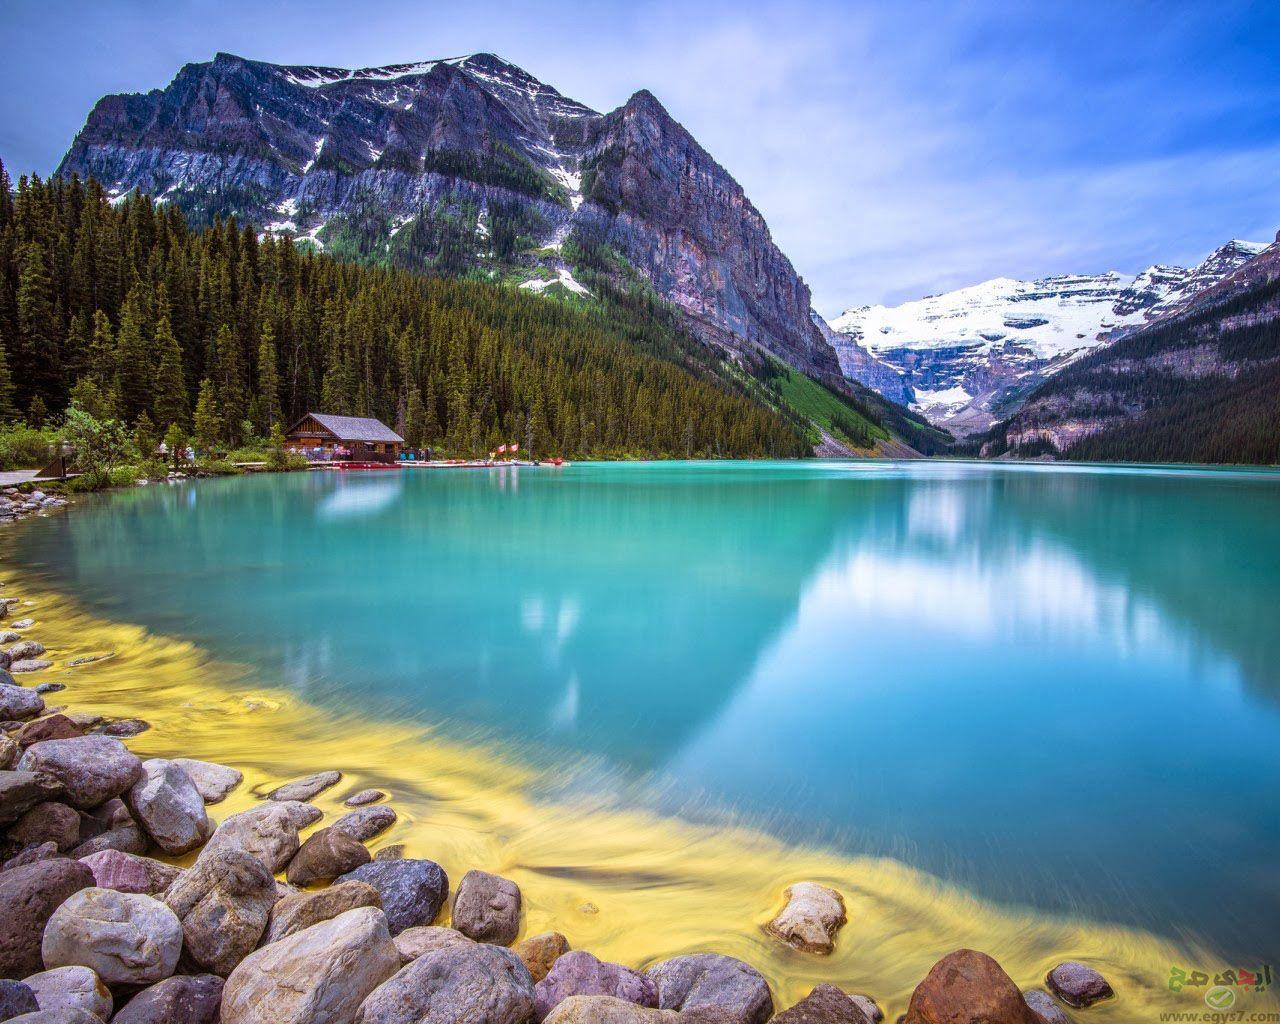 صور مناظر طبيعية خلابة اجمل مناظر الطبيعة مناظر طبيعية جميلة 14 Lake Beautiful Forest Free Food